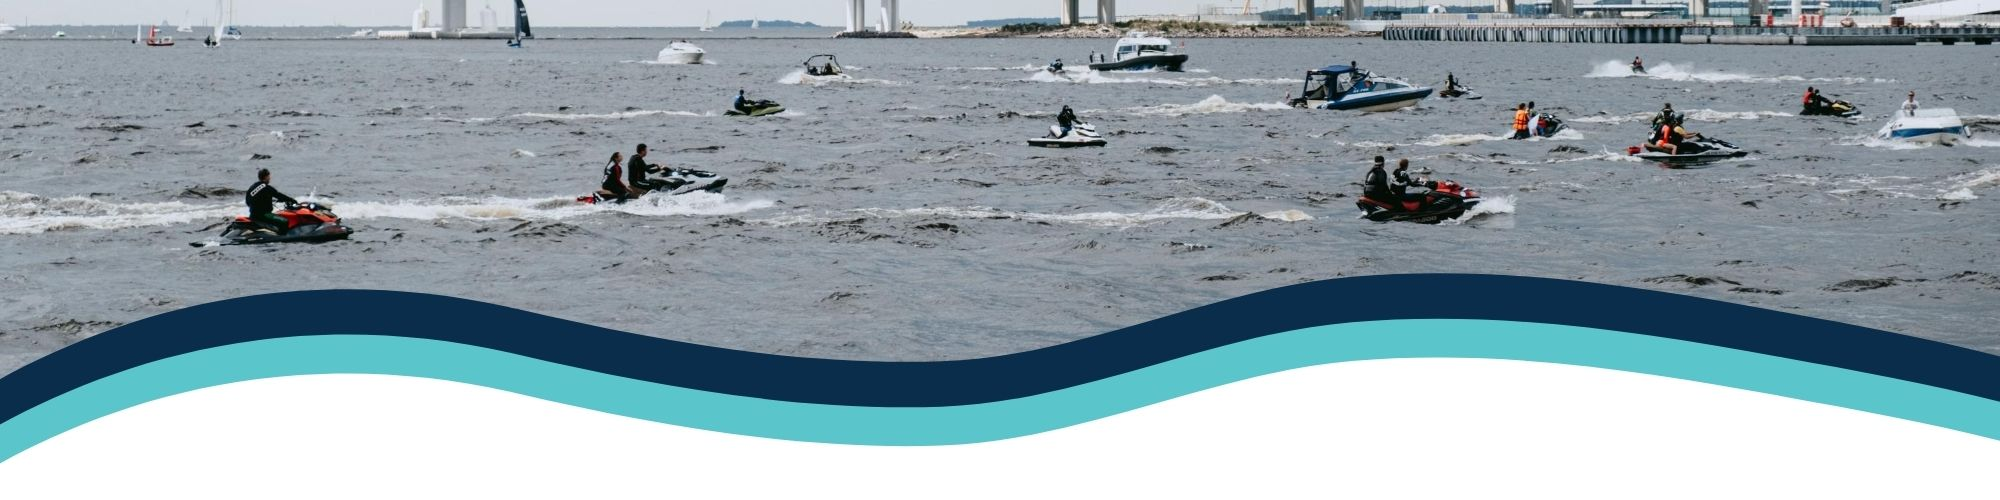 boating app for jet skis